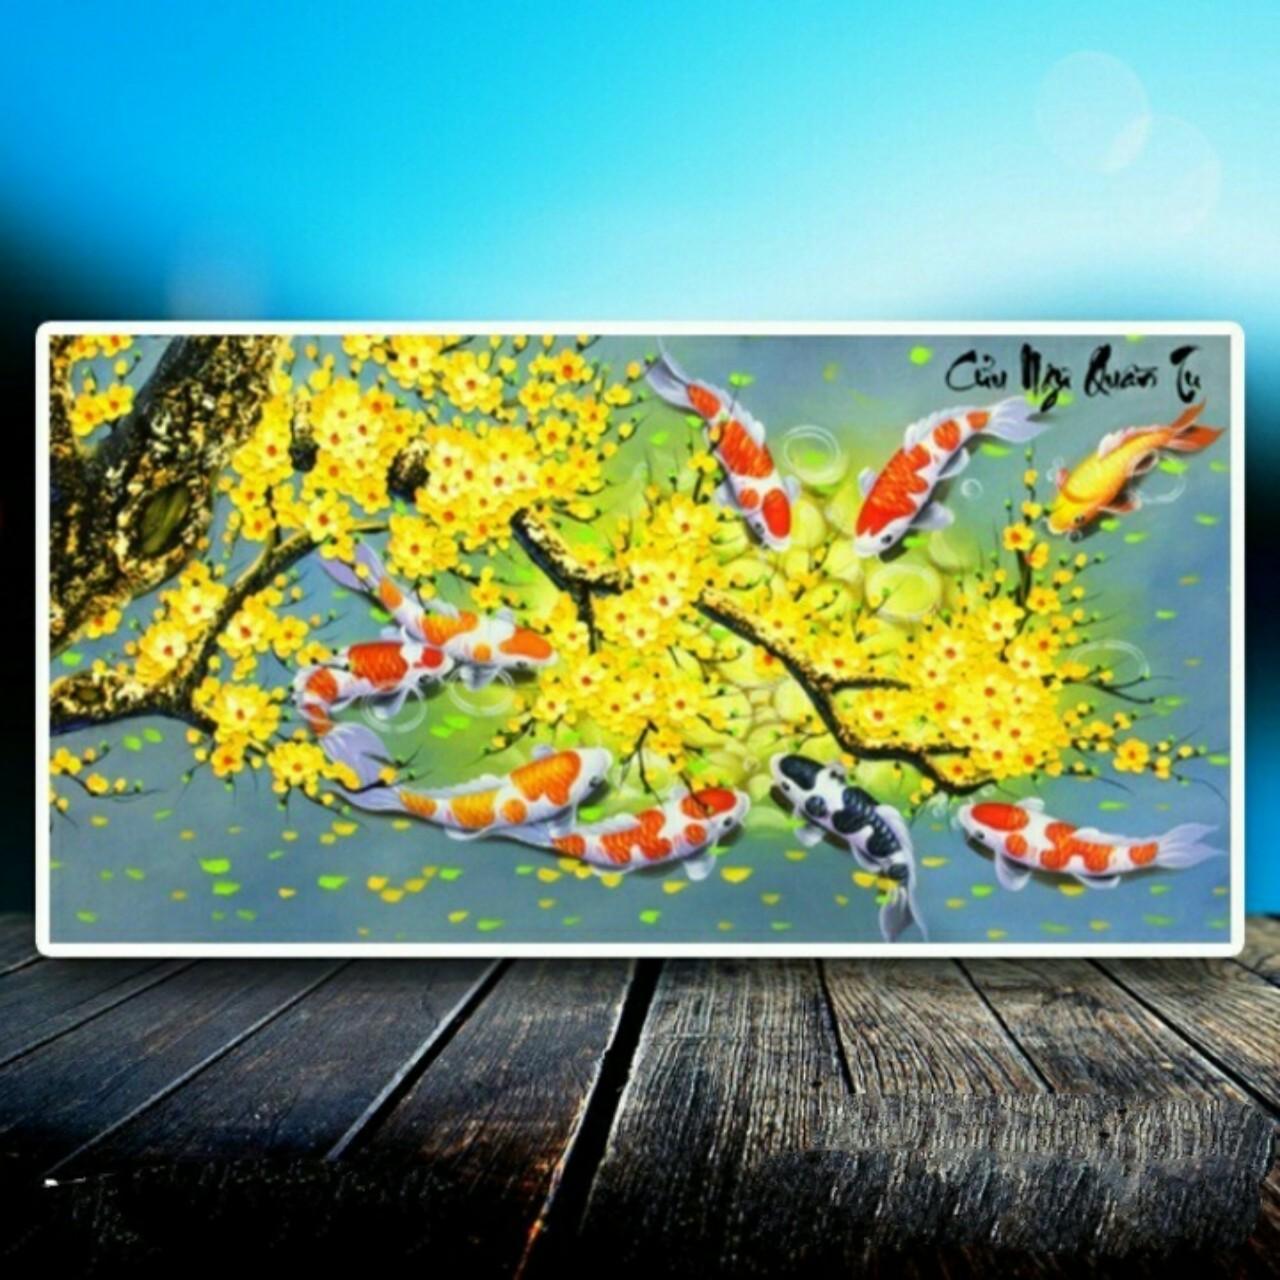 tranh đính đá Cửu ngư quần hội 99x55cm - chưa đính